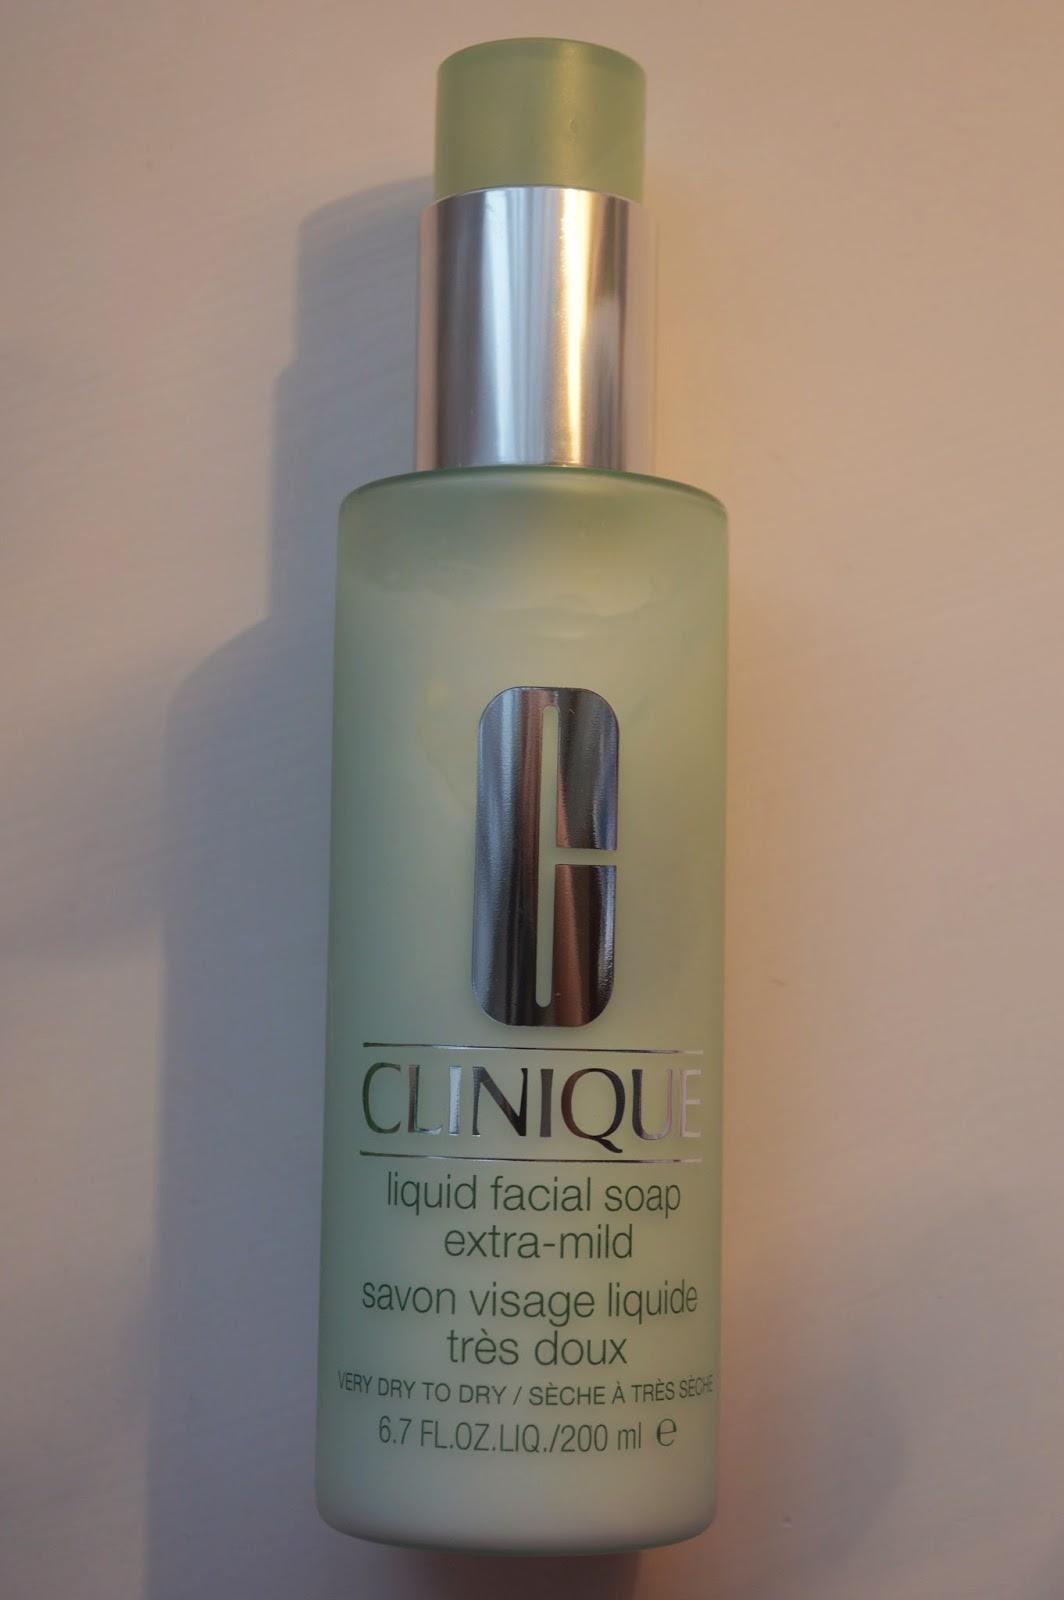 Properties clinique mild facial soap 52